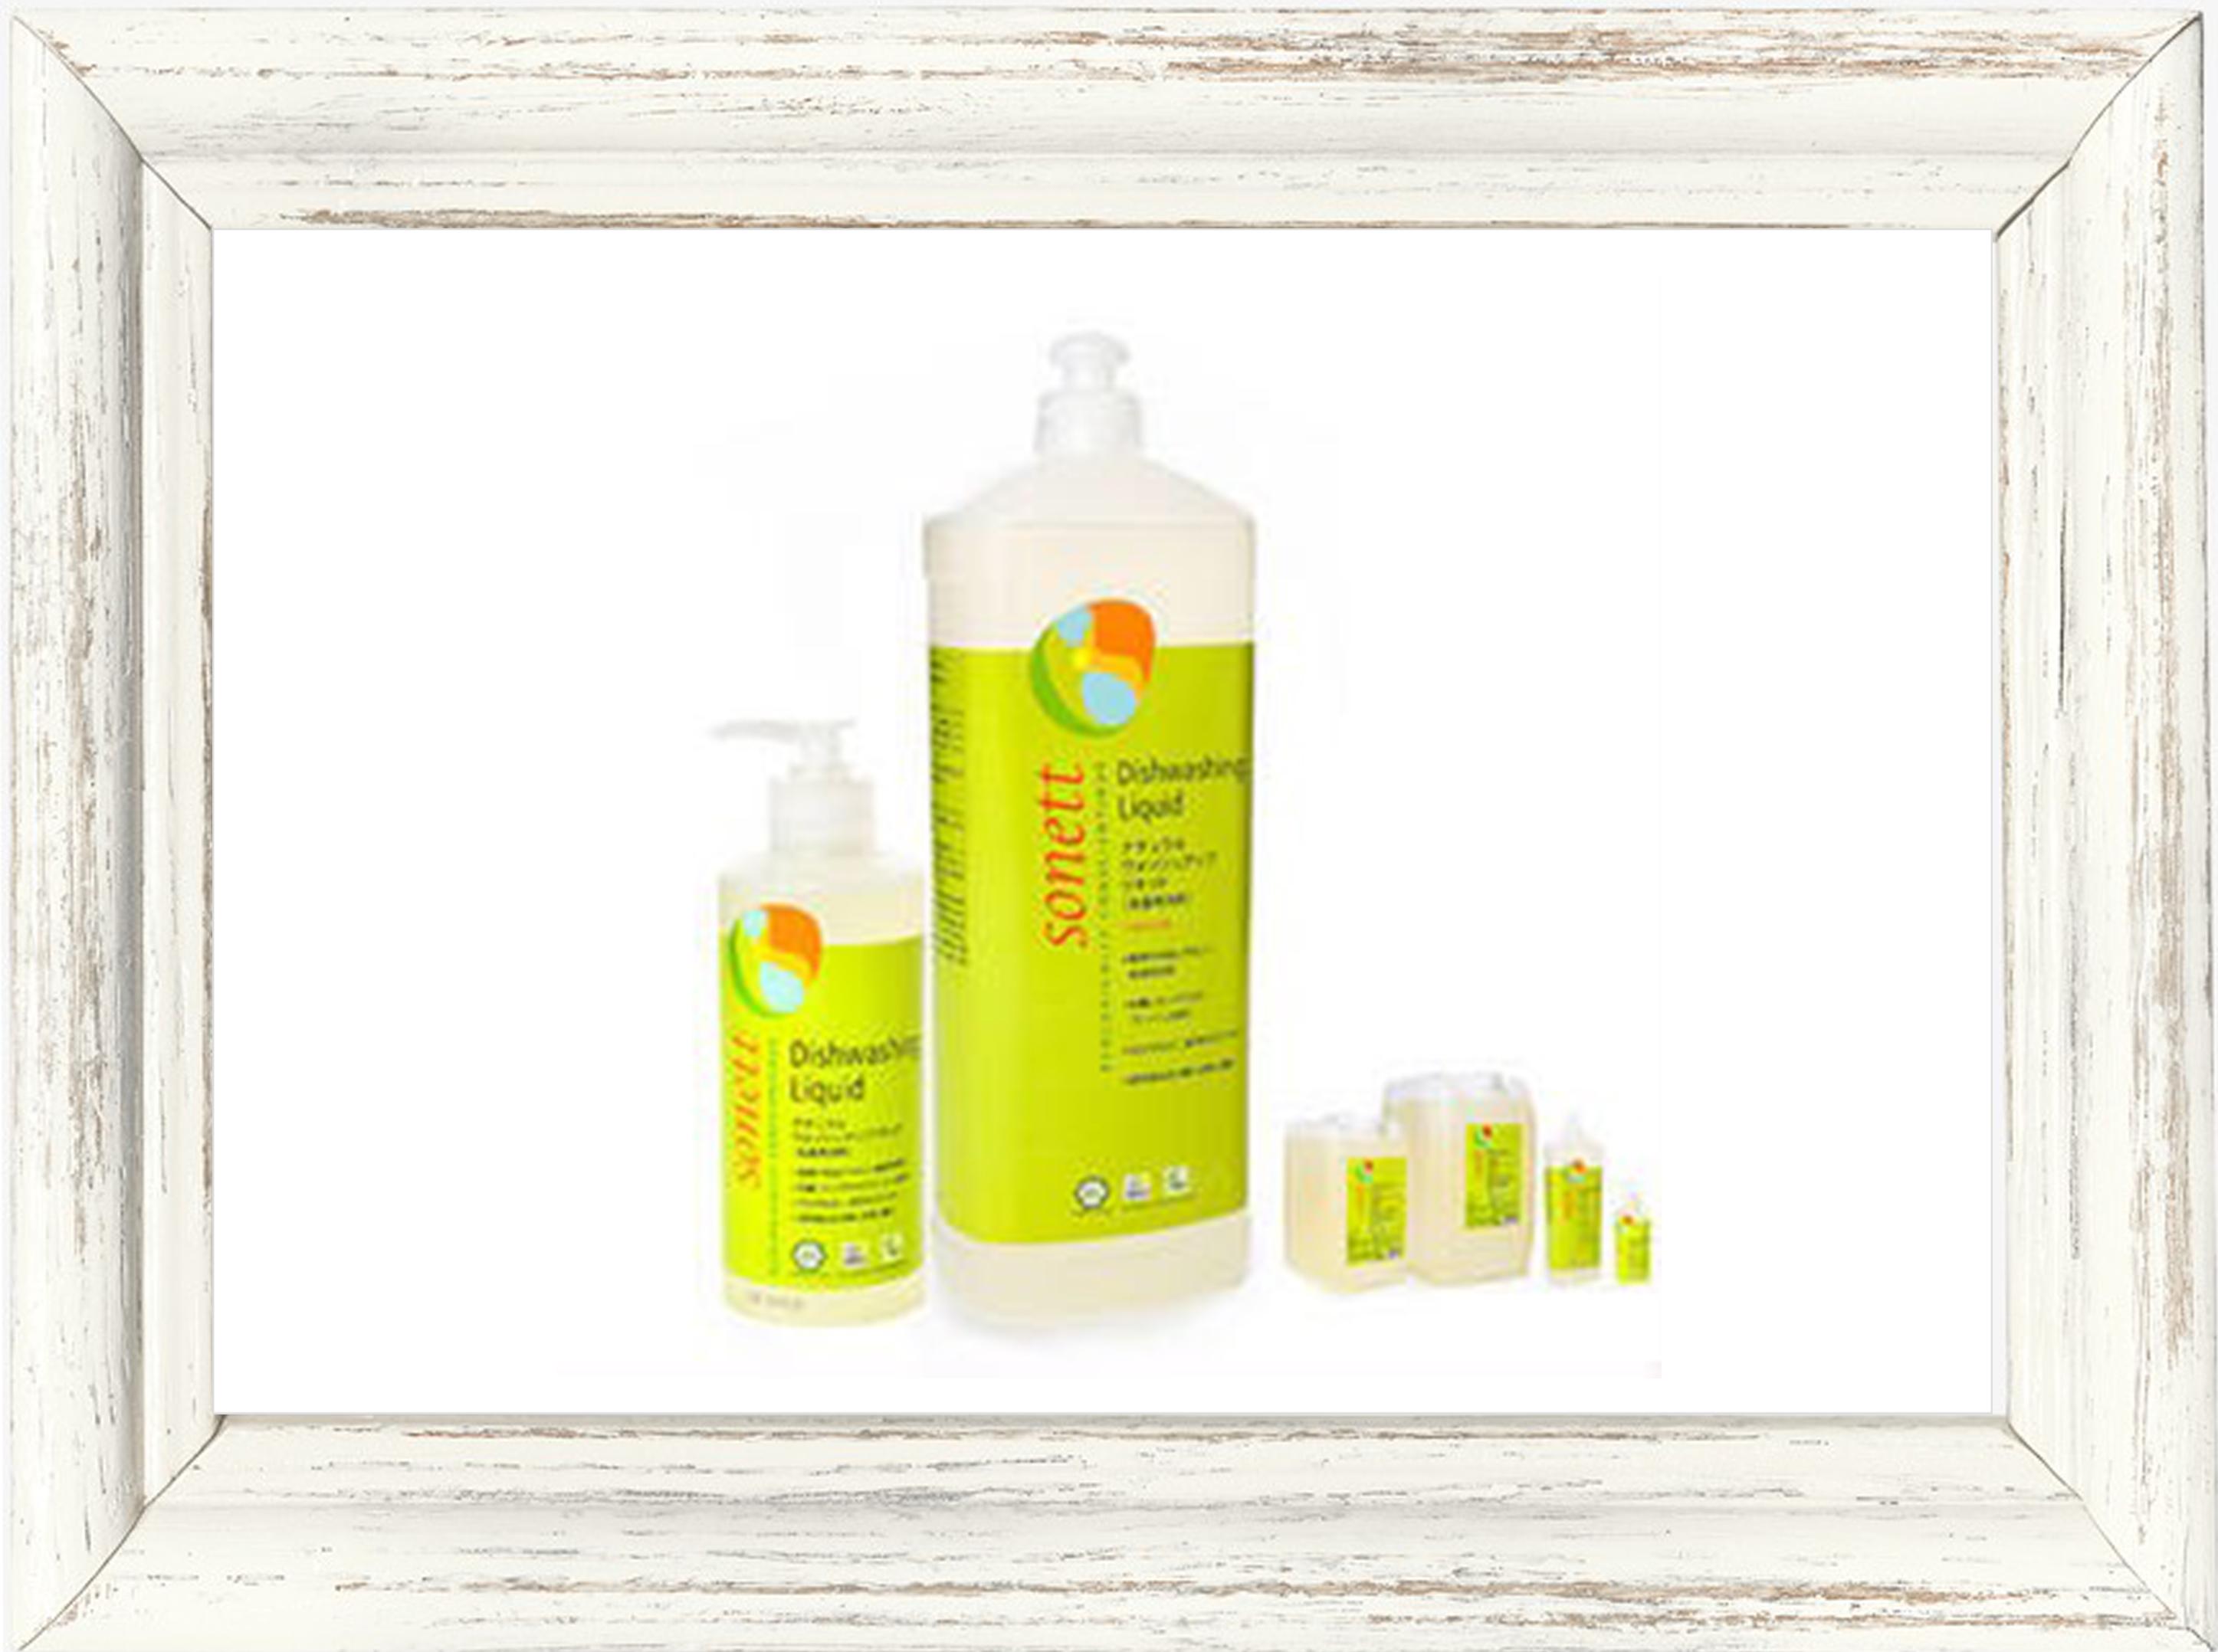 食器用洗剤▶︎sonett ナチュラルウォッシュアップリキッド (食器用洗剤) 1L